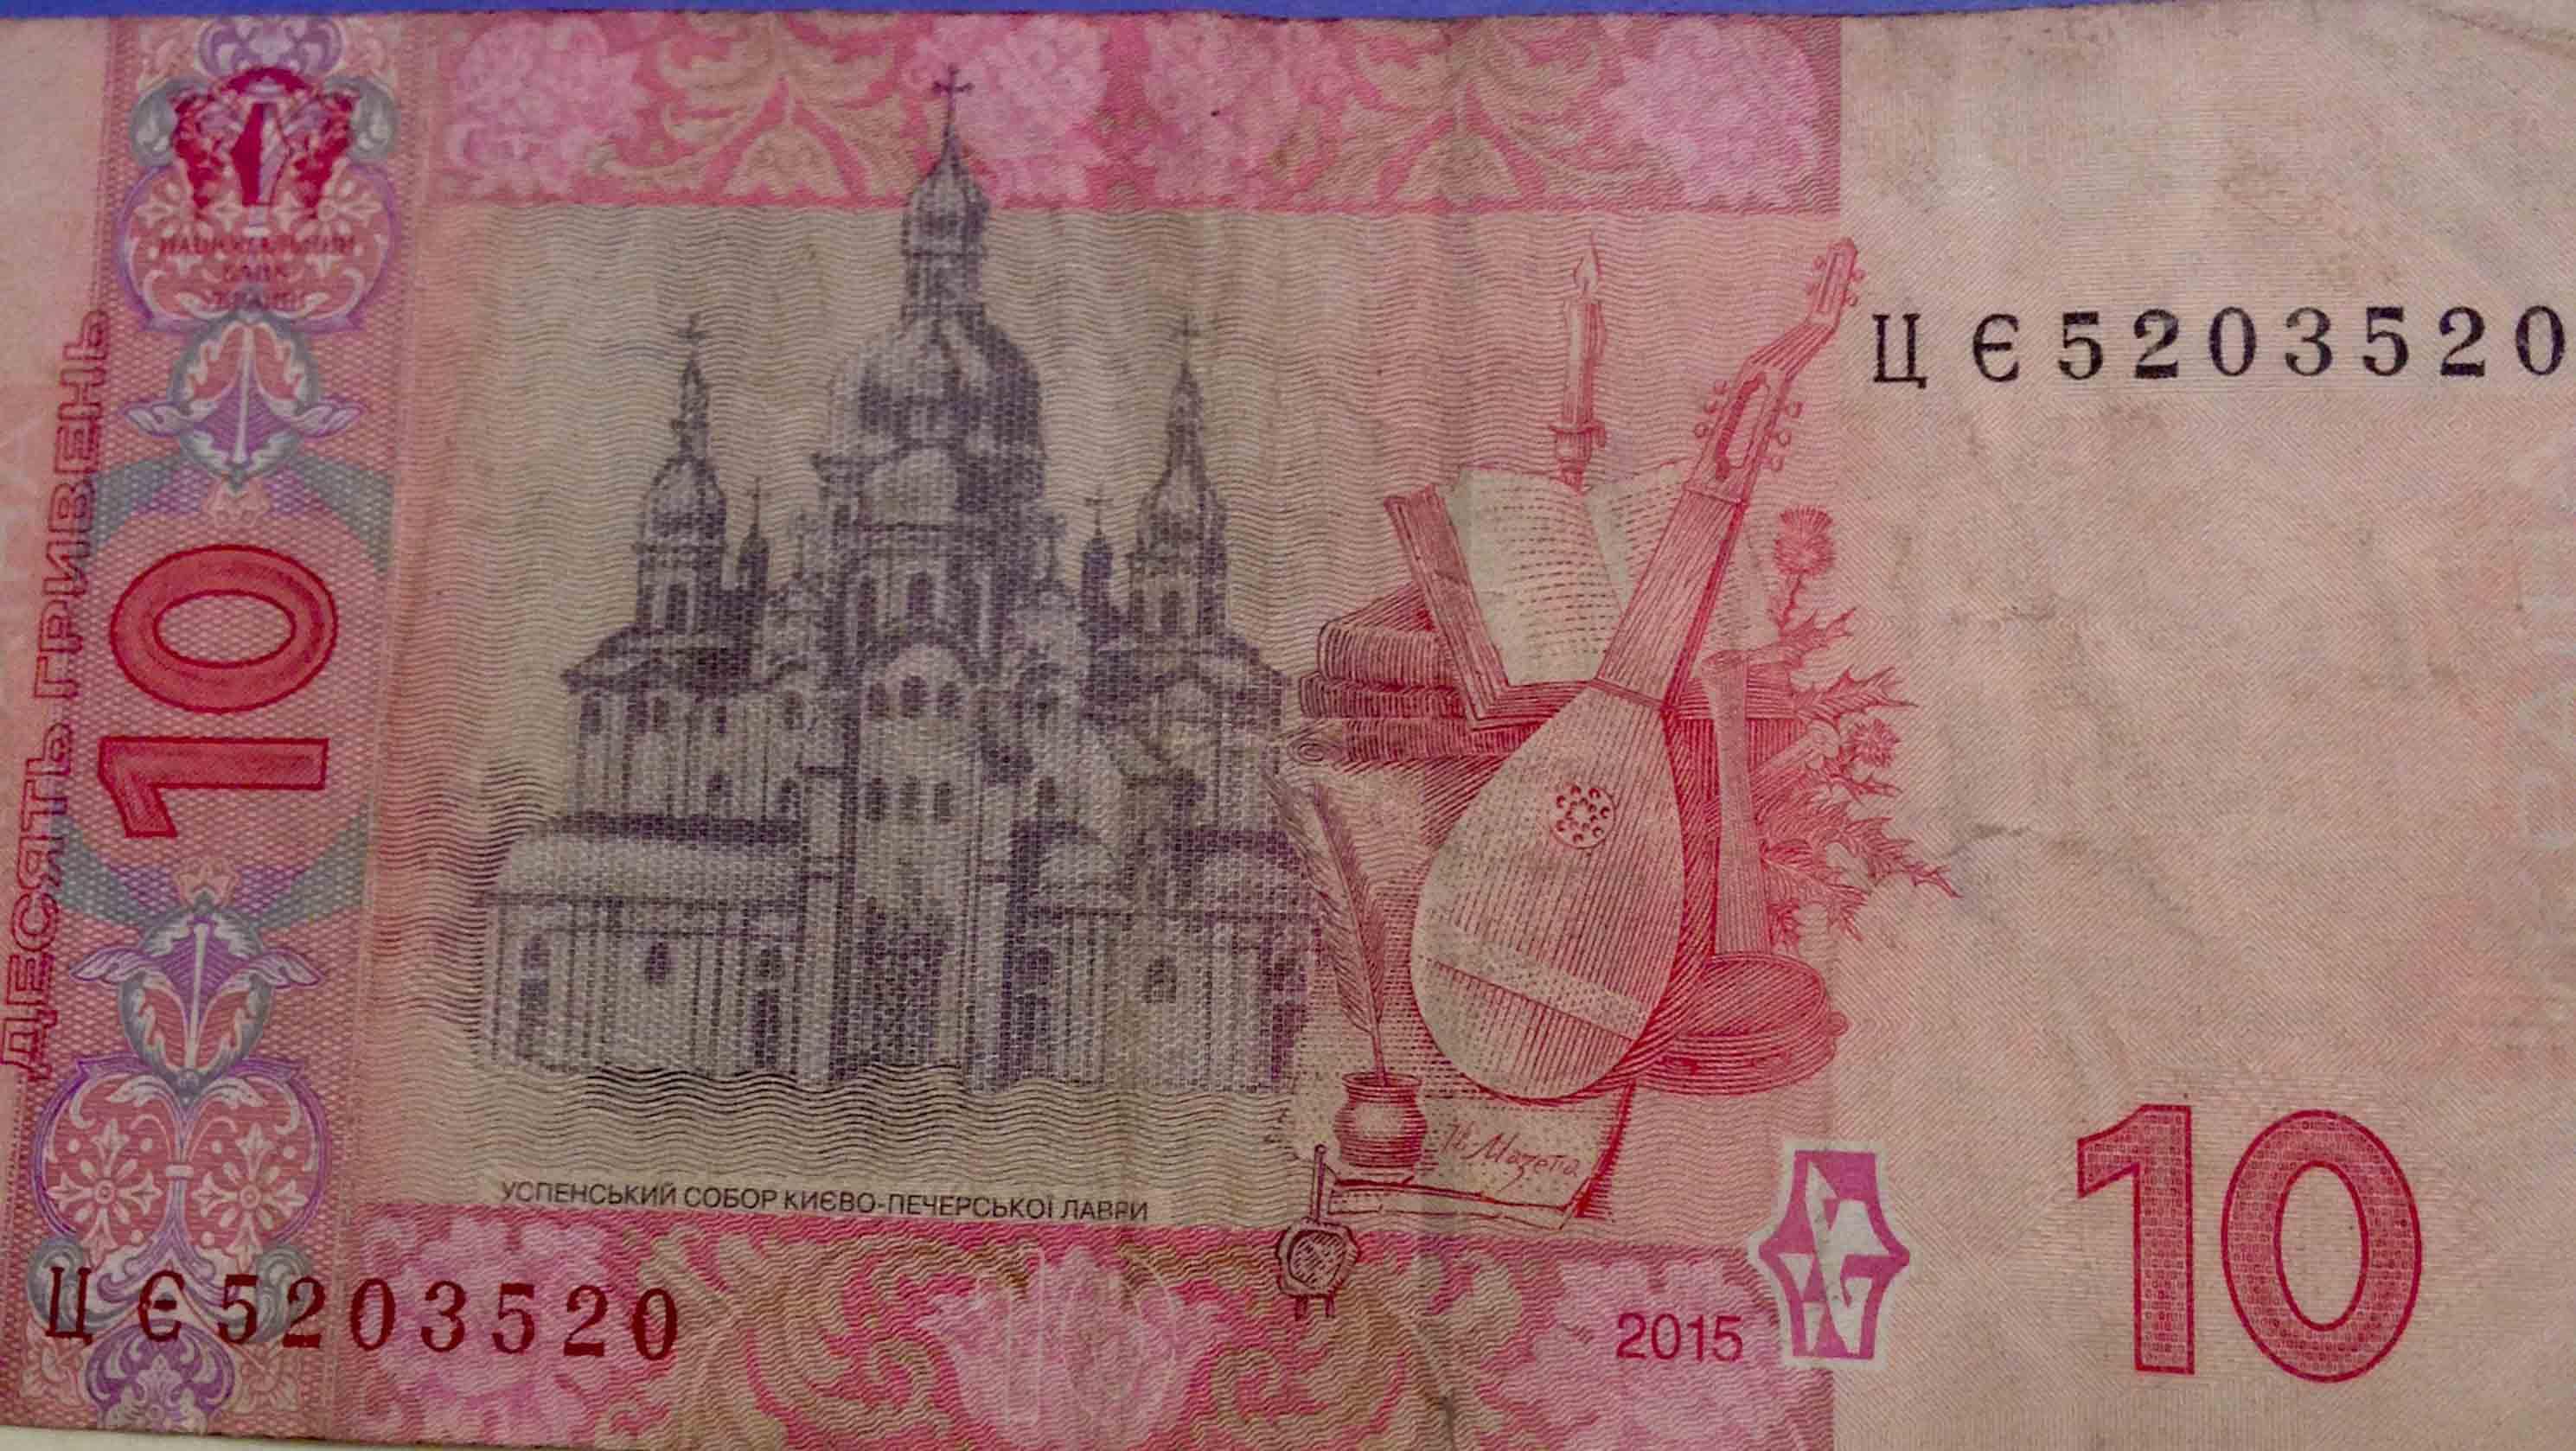 Купюра 10 гривен 2015 год  ЦЕ 5203520 фото 1